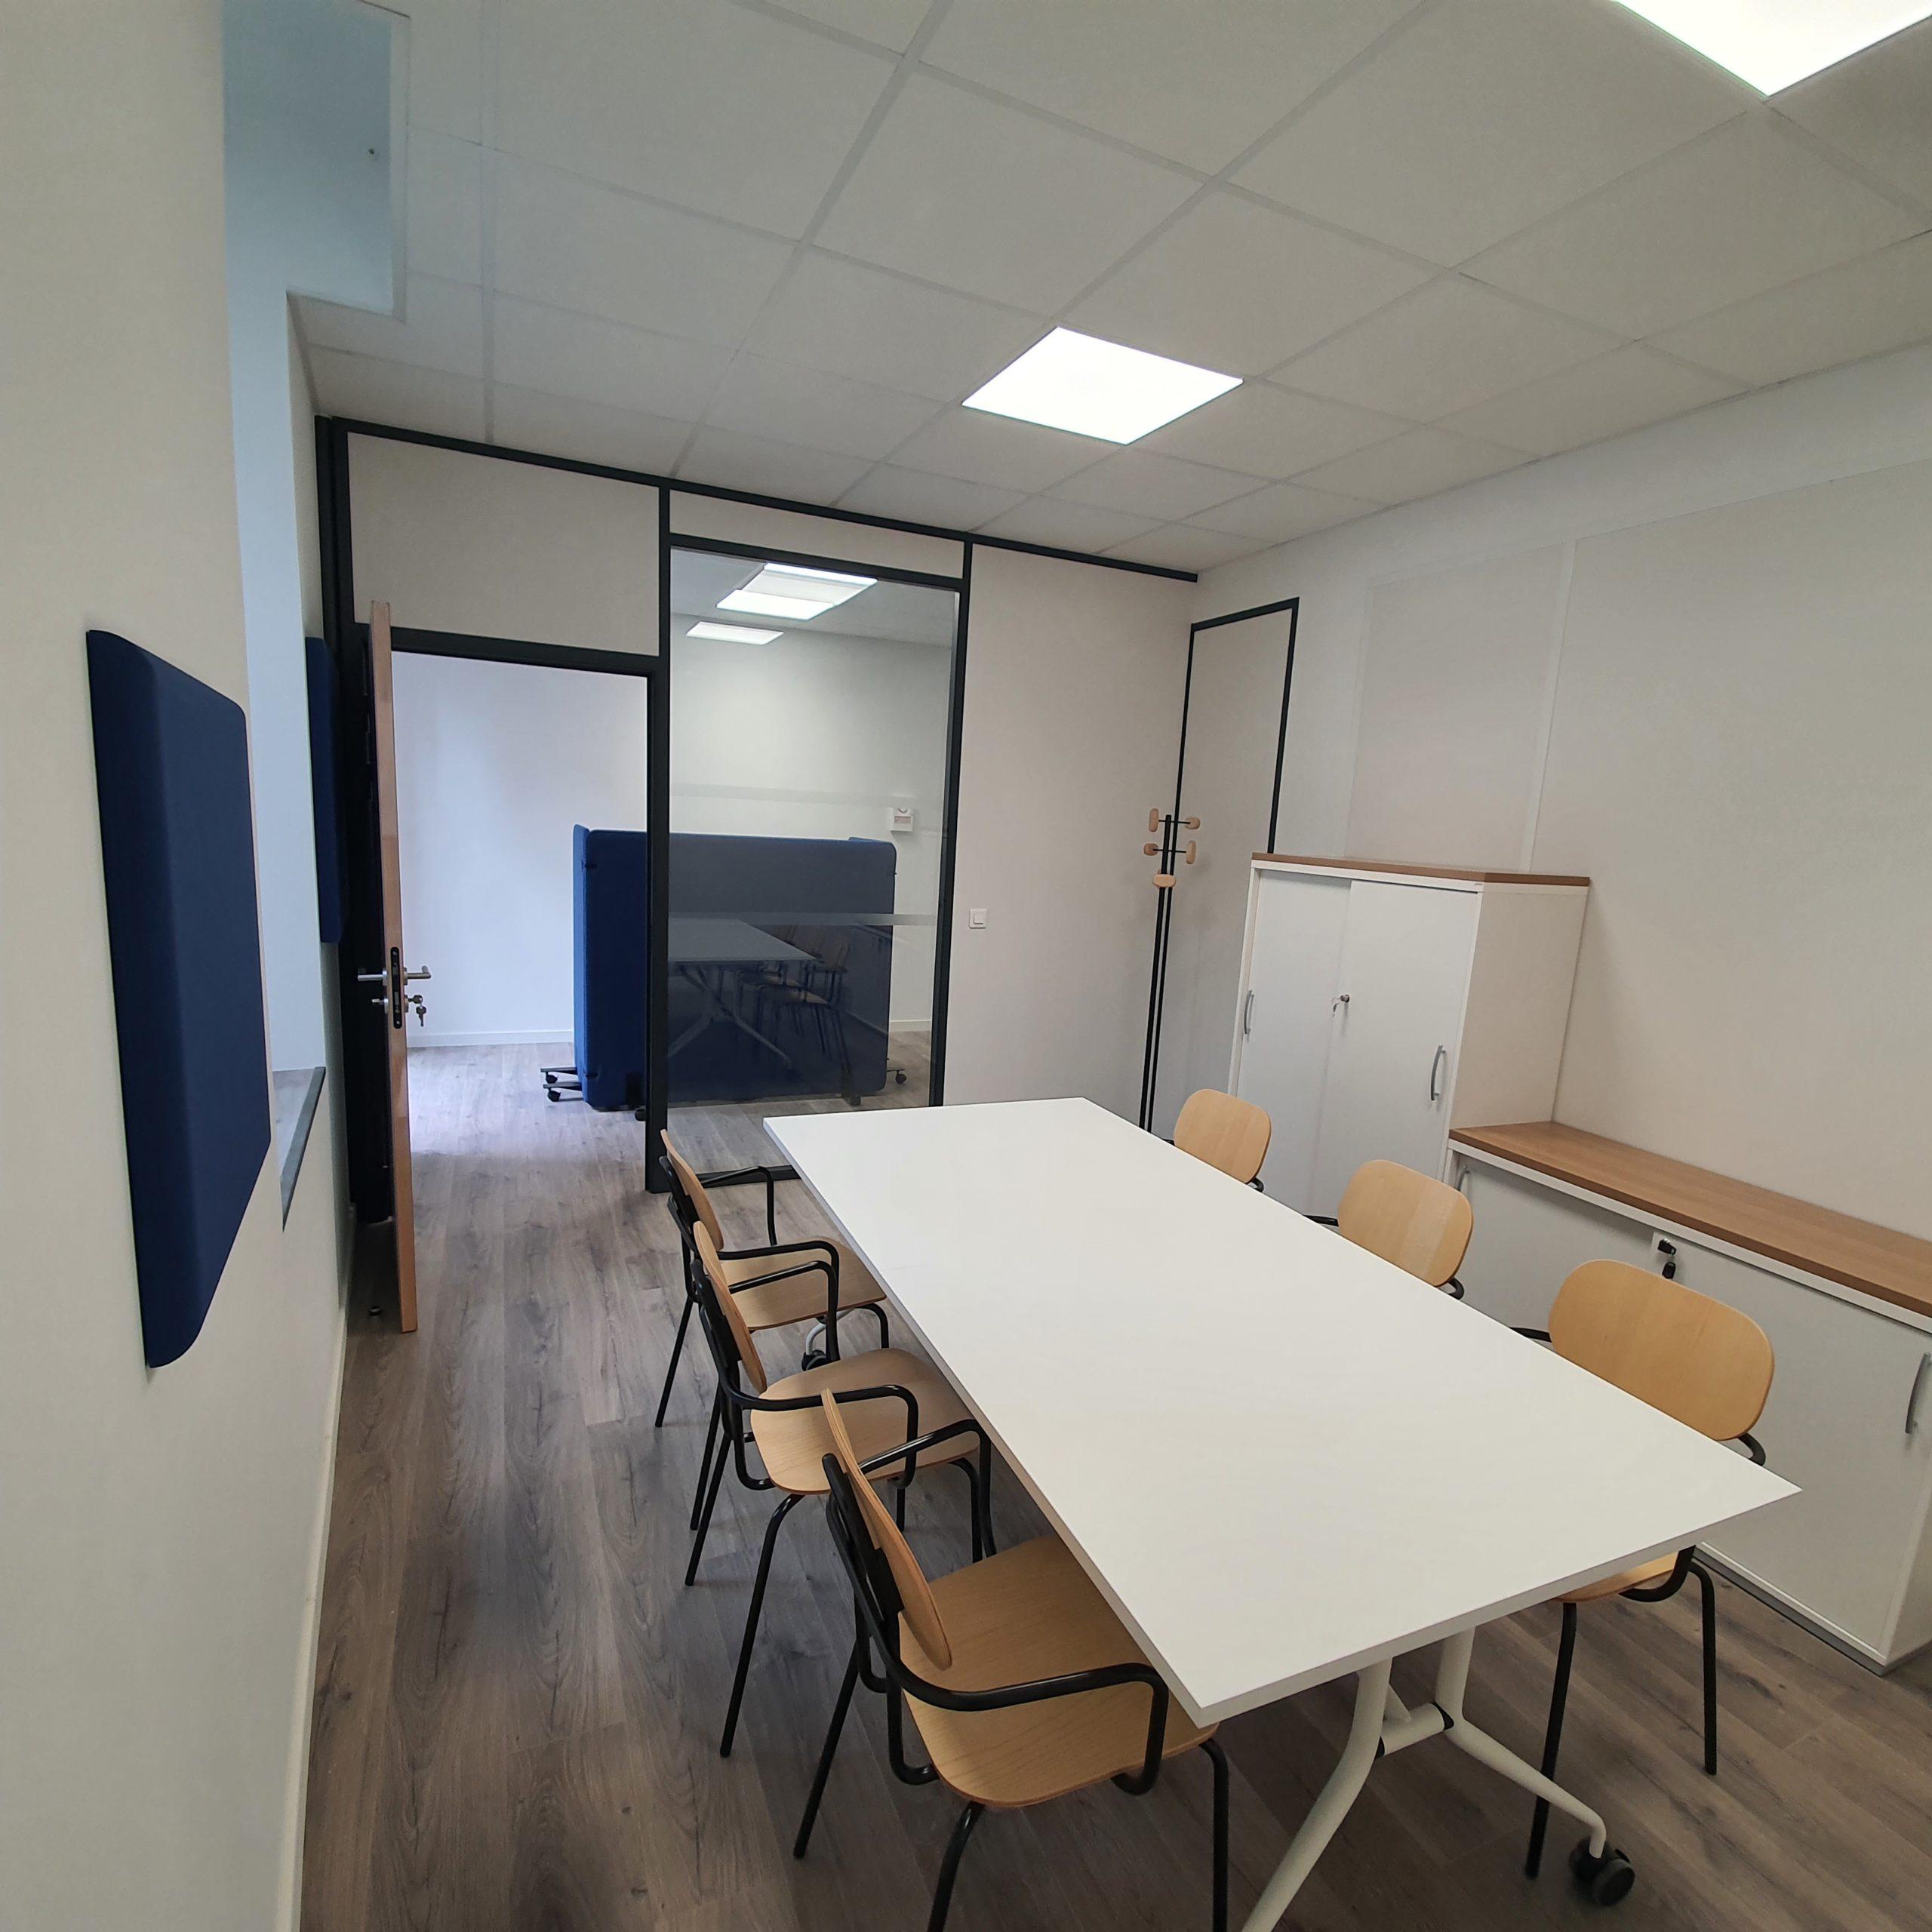 La France Mutualiste - Salle de réunion, armoires de rangements, panneau acoustique en tissu